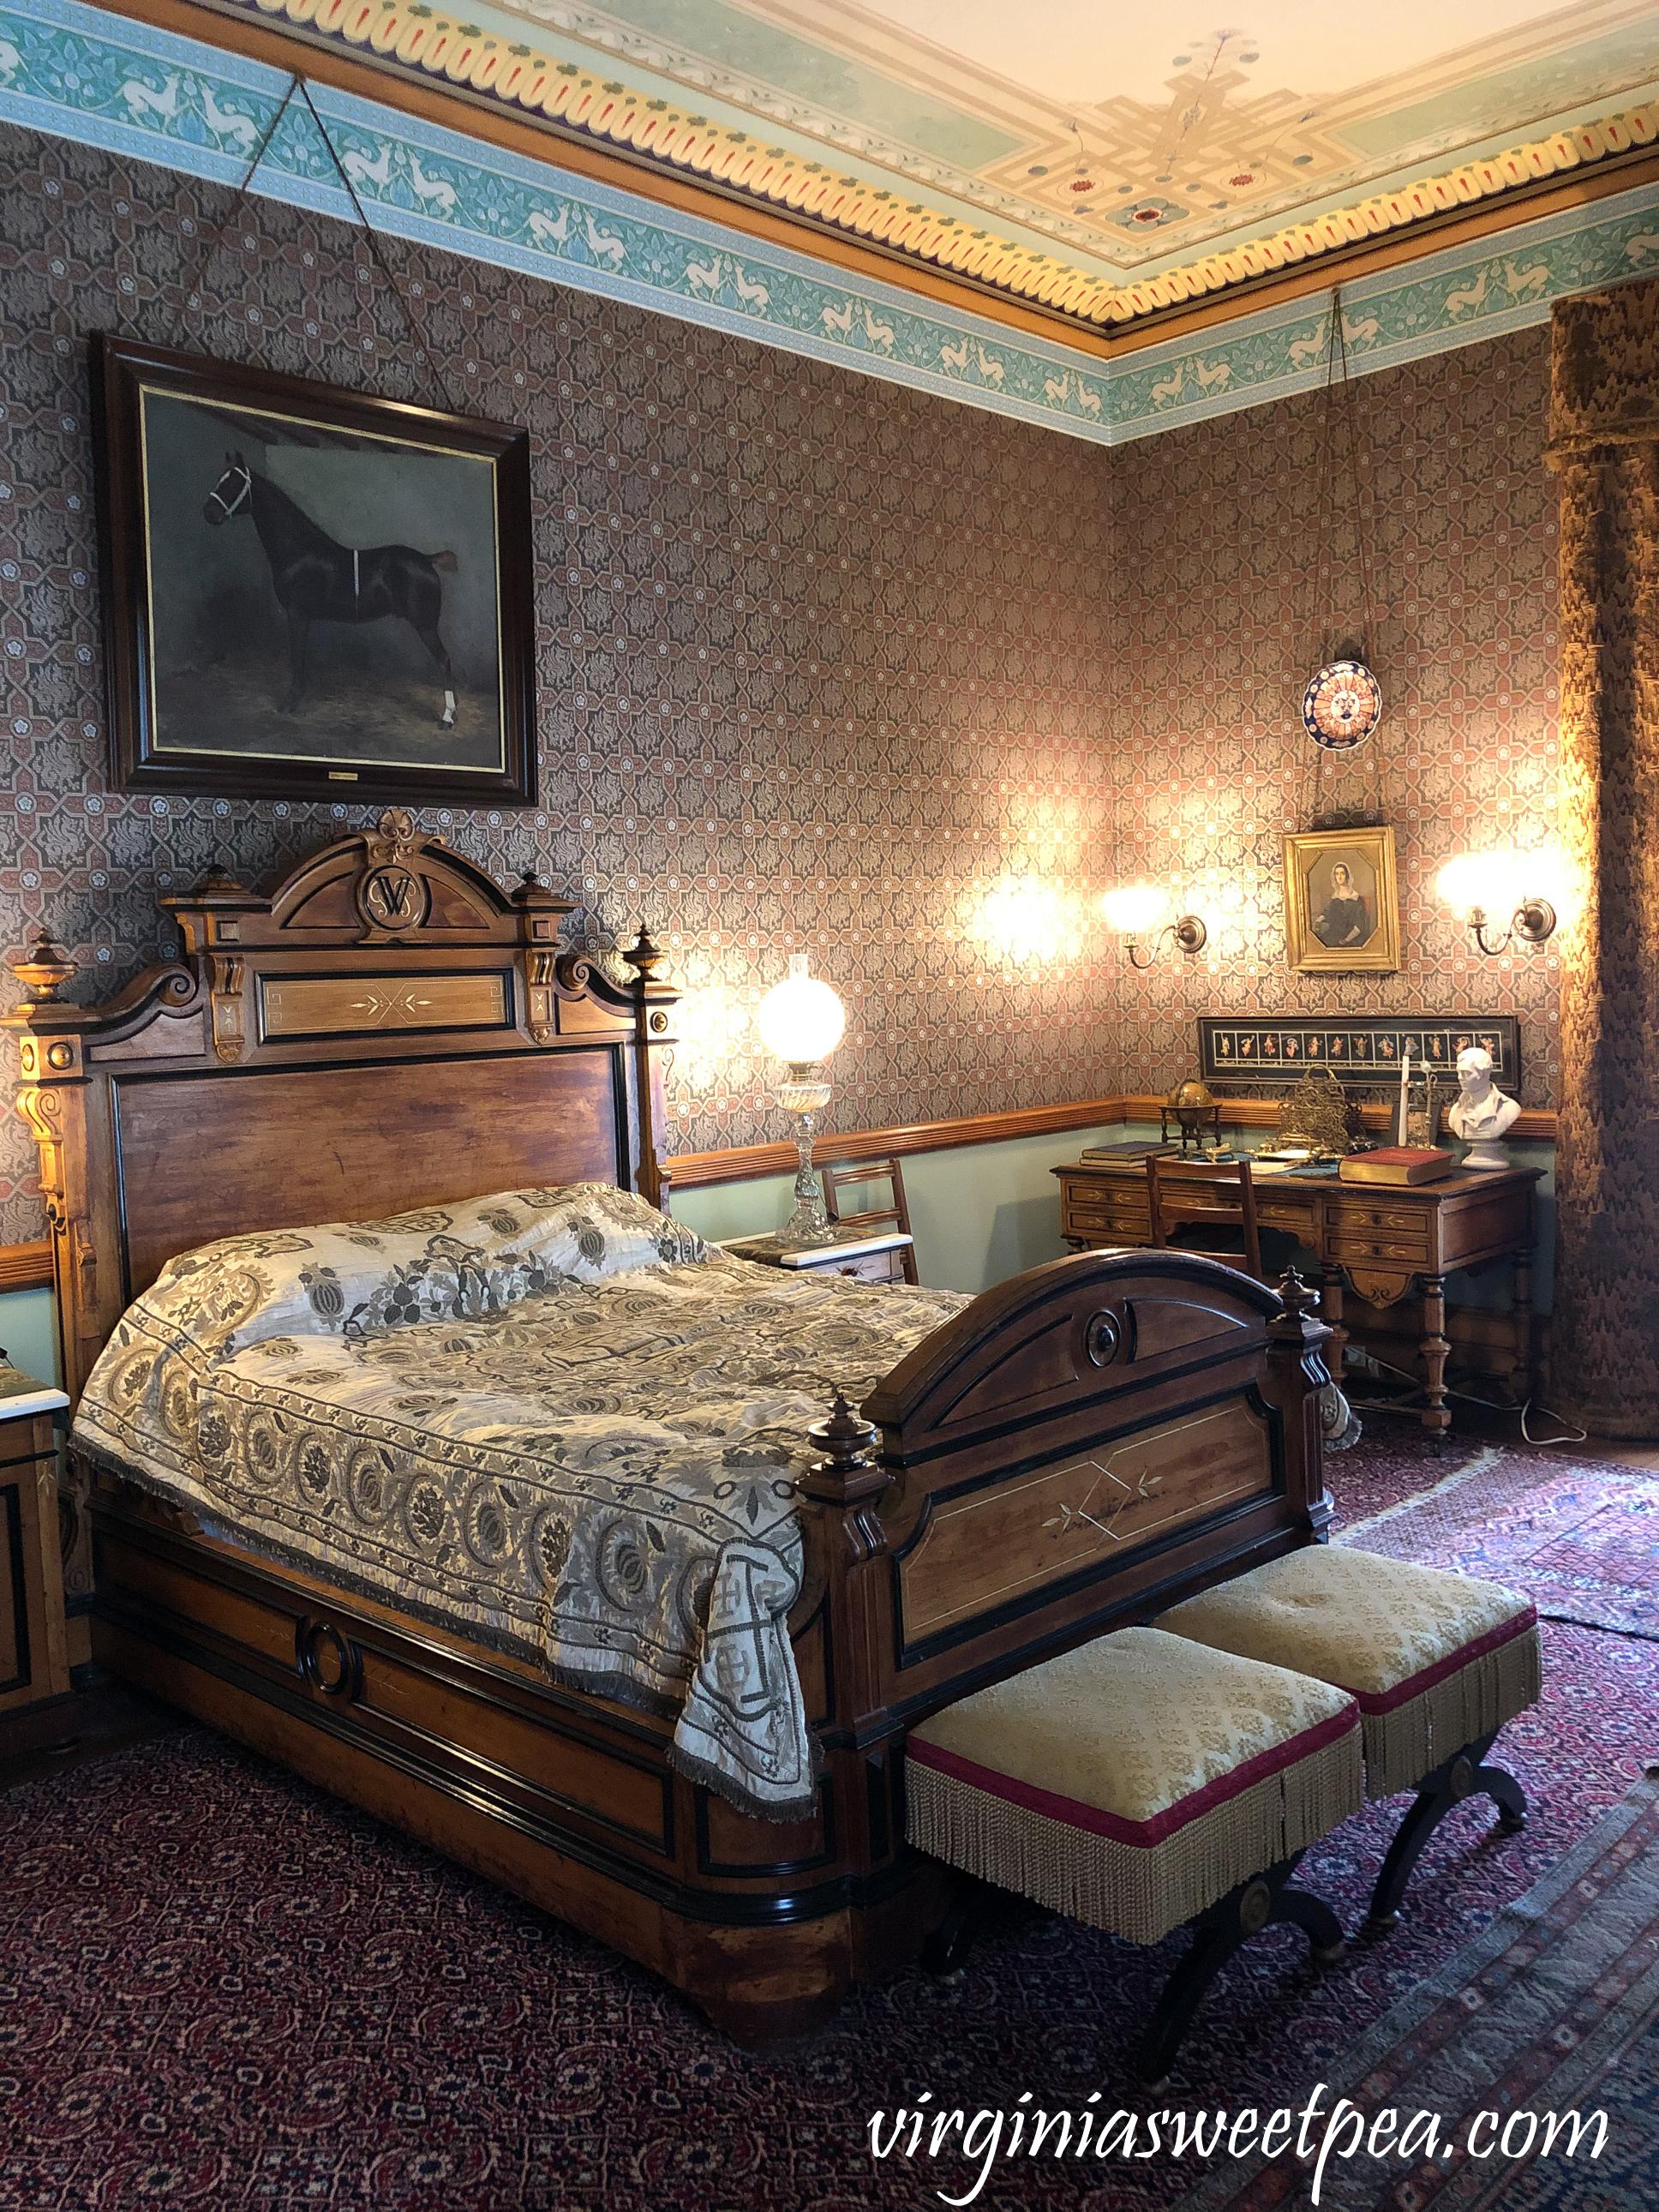 Tour Chateau-sur-Mer in Newport, RI